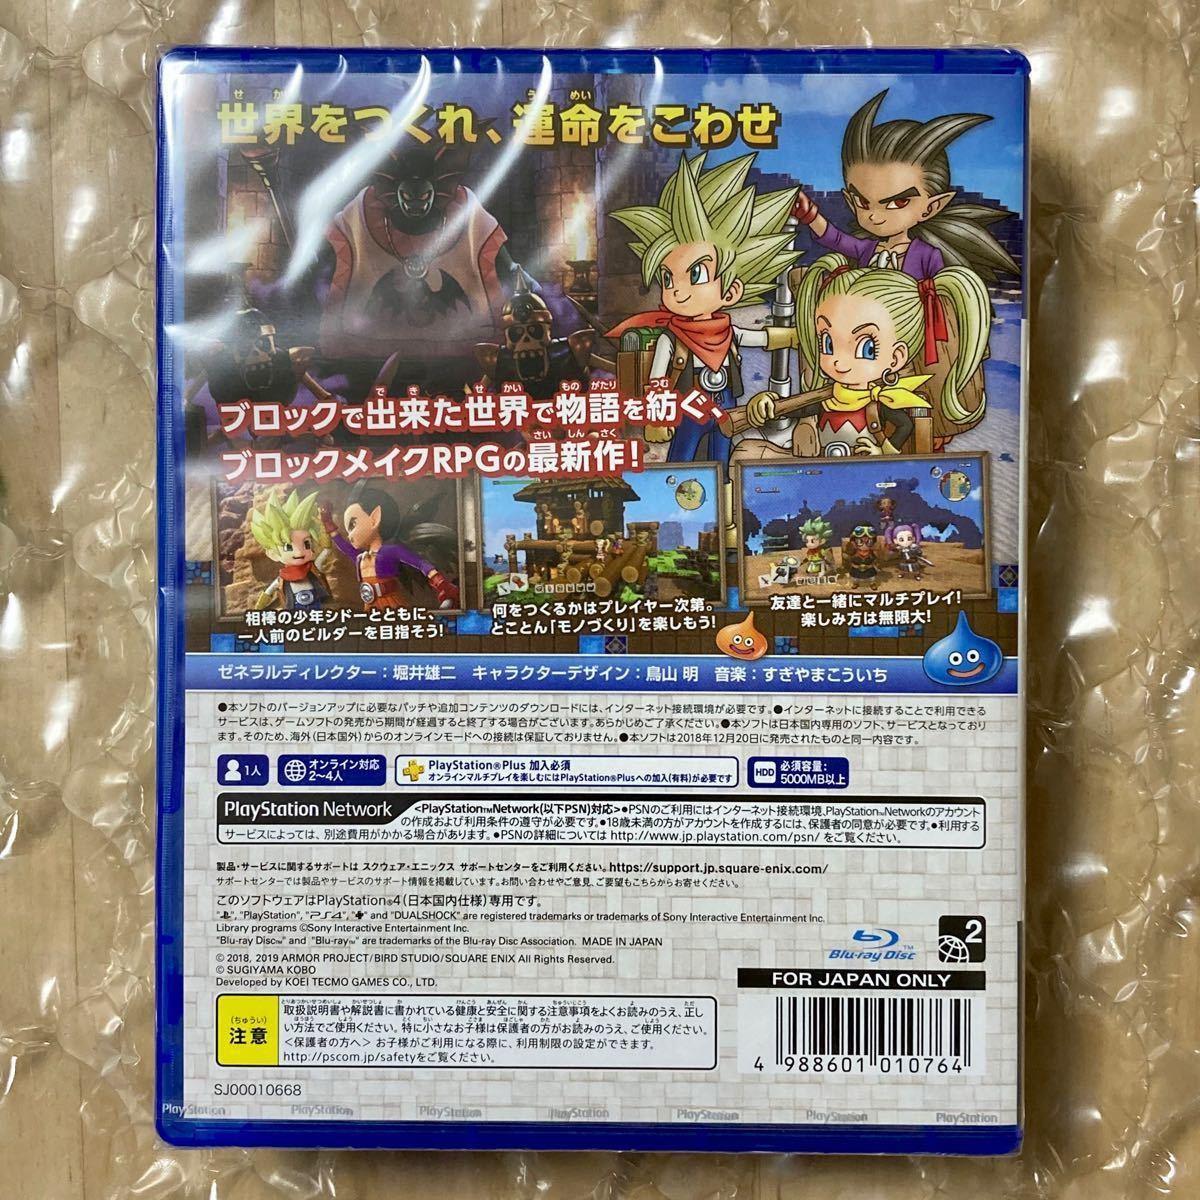 【PS4】ドラゴンクエストビルダーズ2 破壊神シドーとからっぽの島 (新価格版)